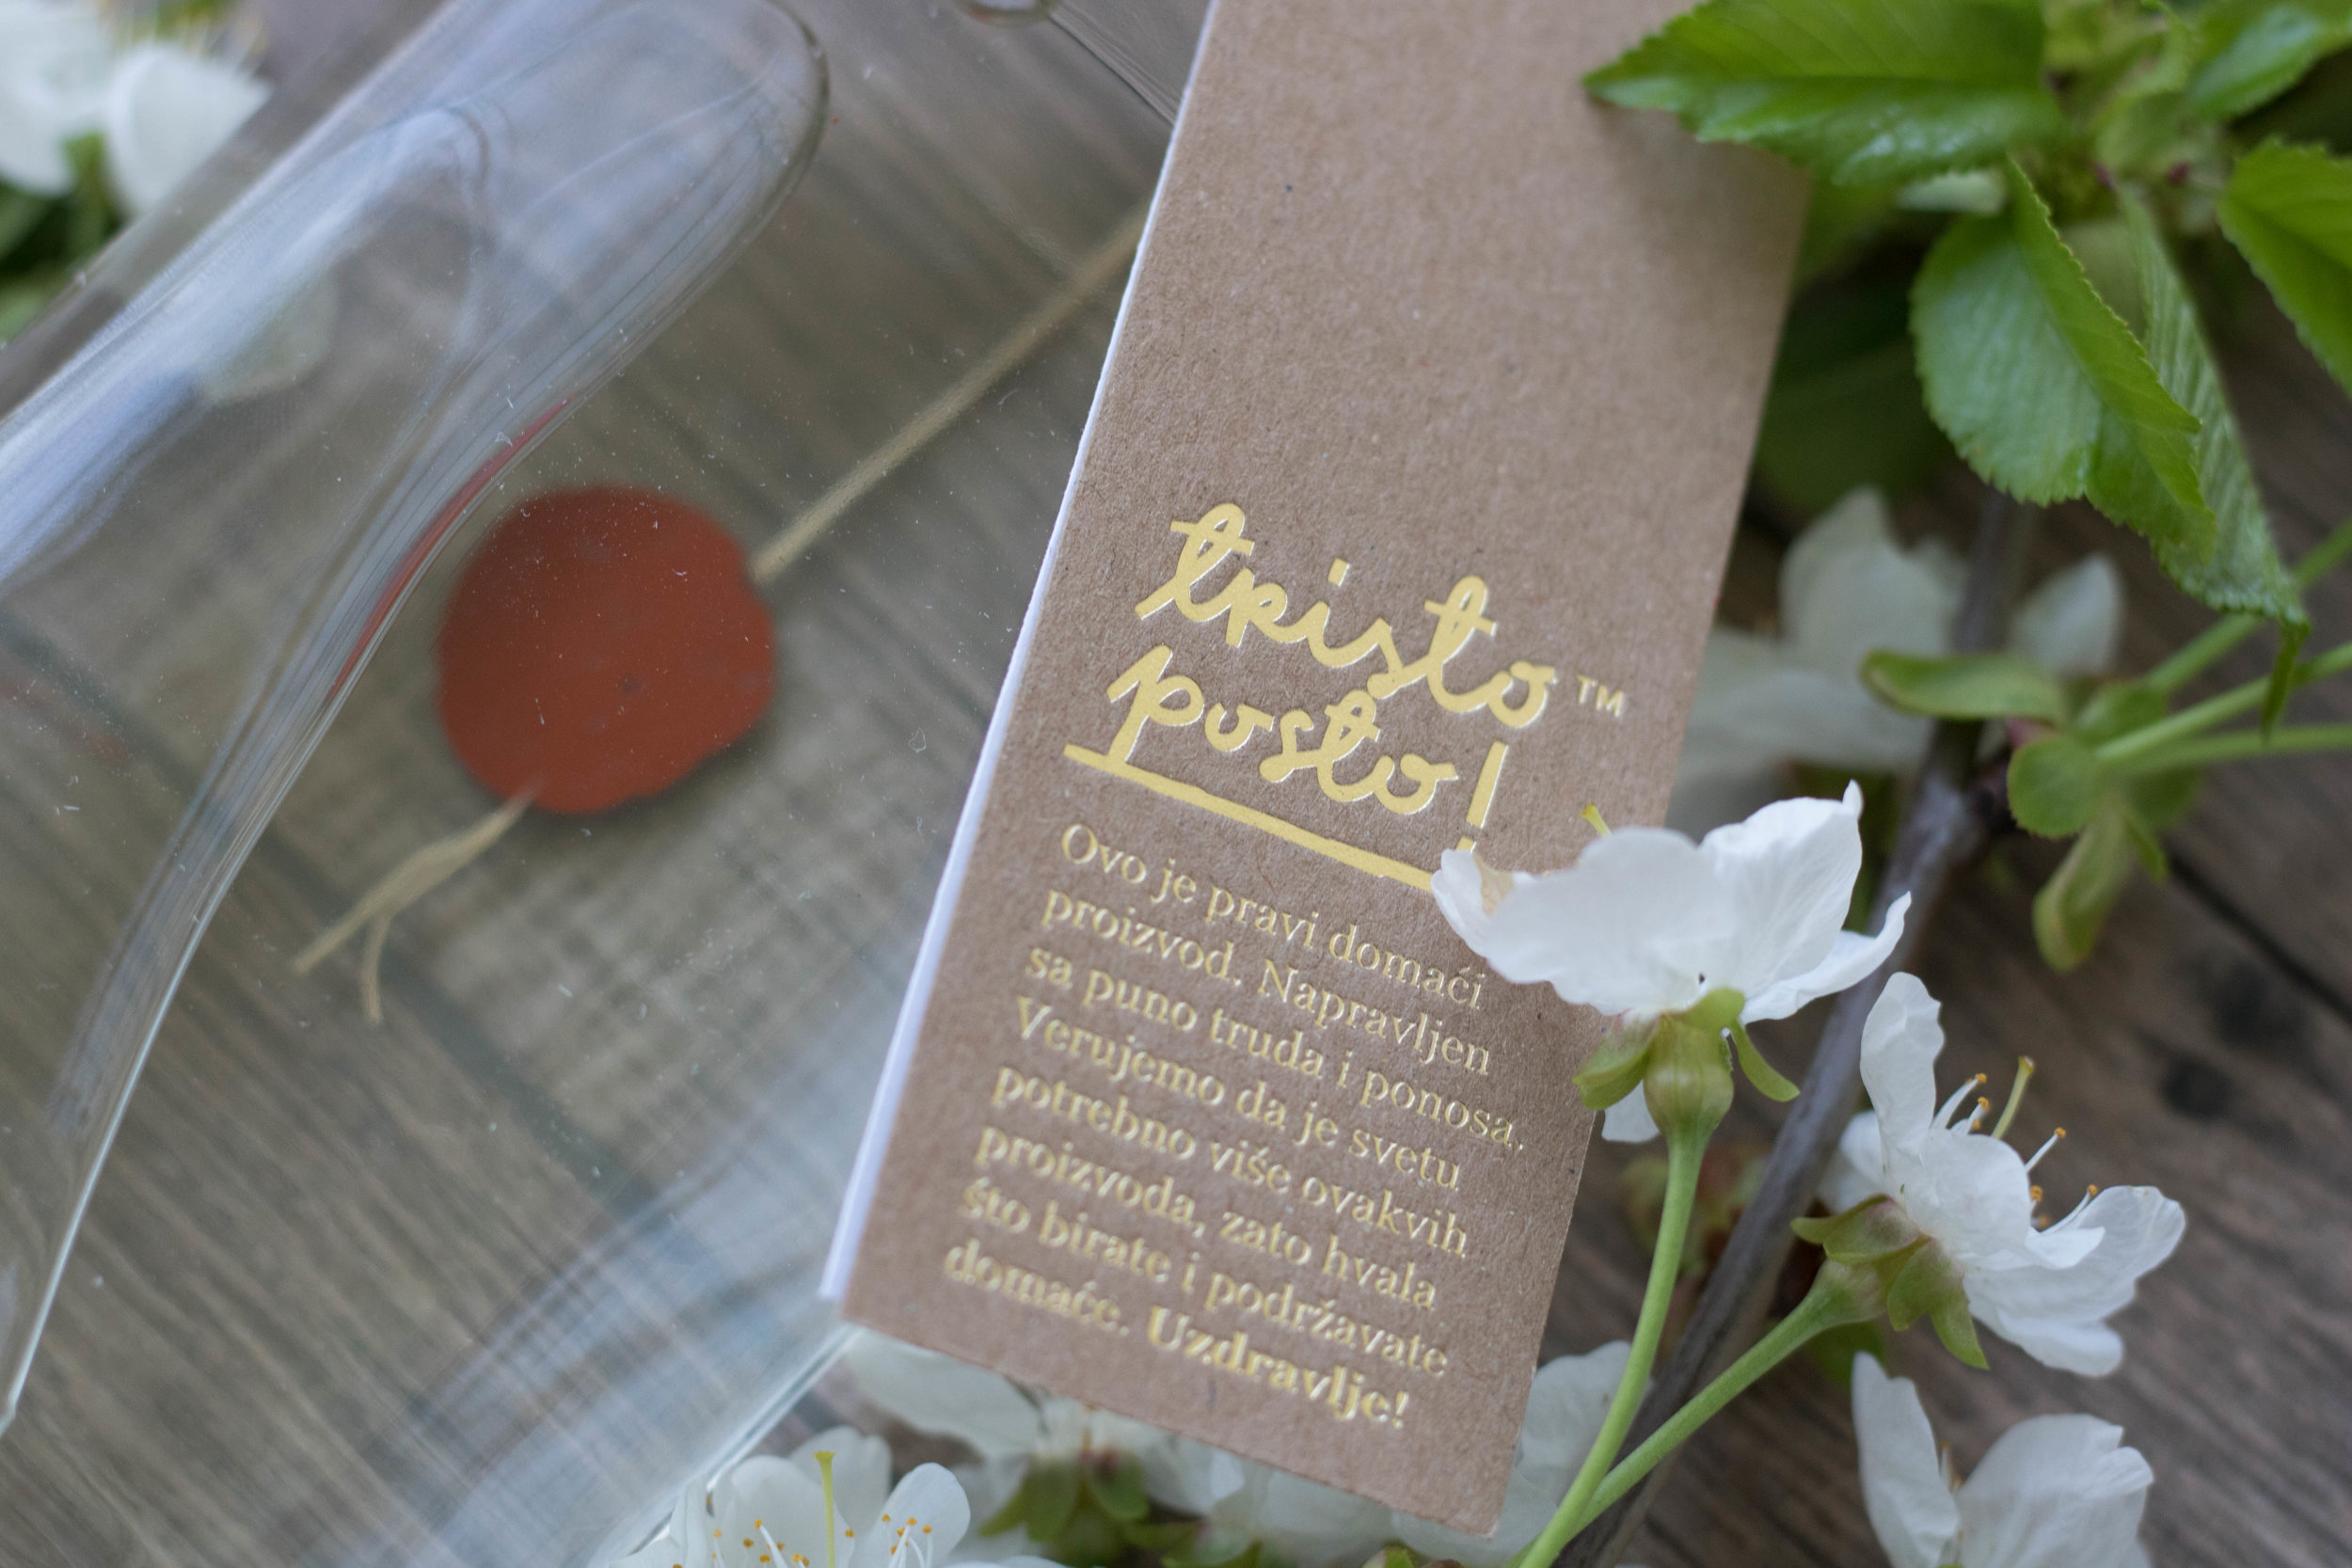 - Spoljna etiketa na kojoj je ista poruka kao na drvenoj kutiji i jedna ispod nje na kojoj je ručno ispisana vrsta rakije i meda, kao i godina proizvodnje, zajedno sa kontaktima proizvođača.